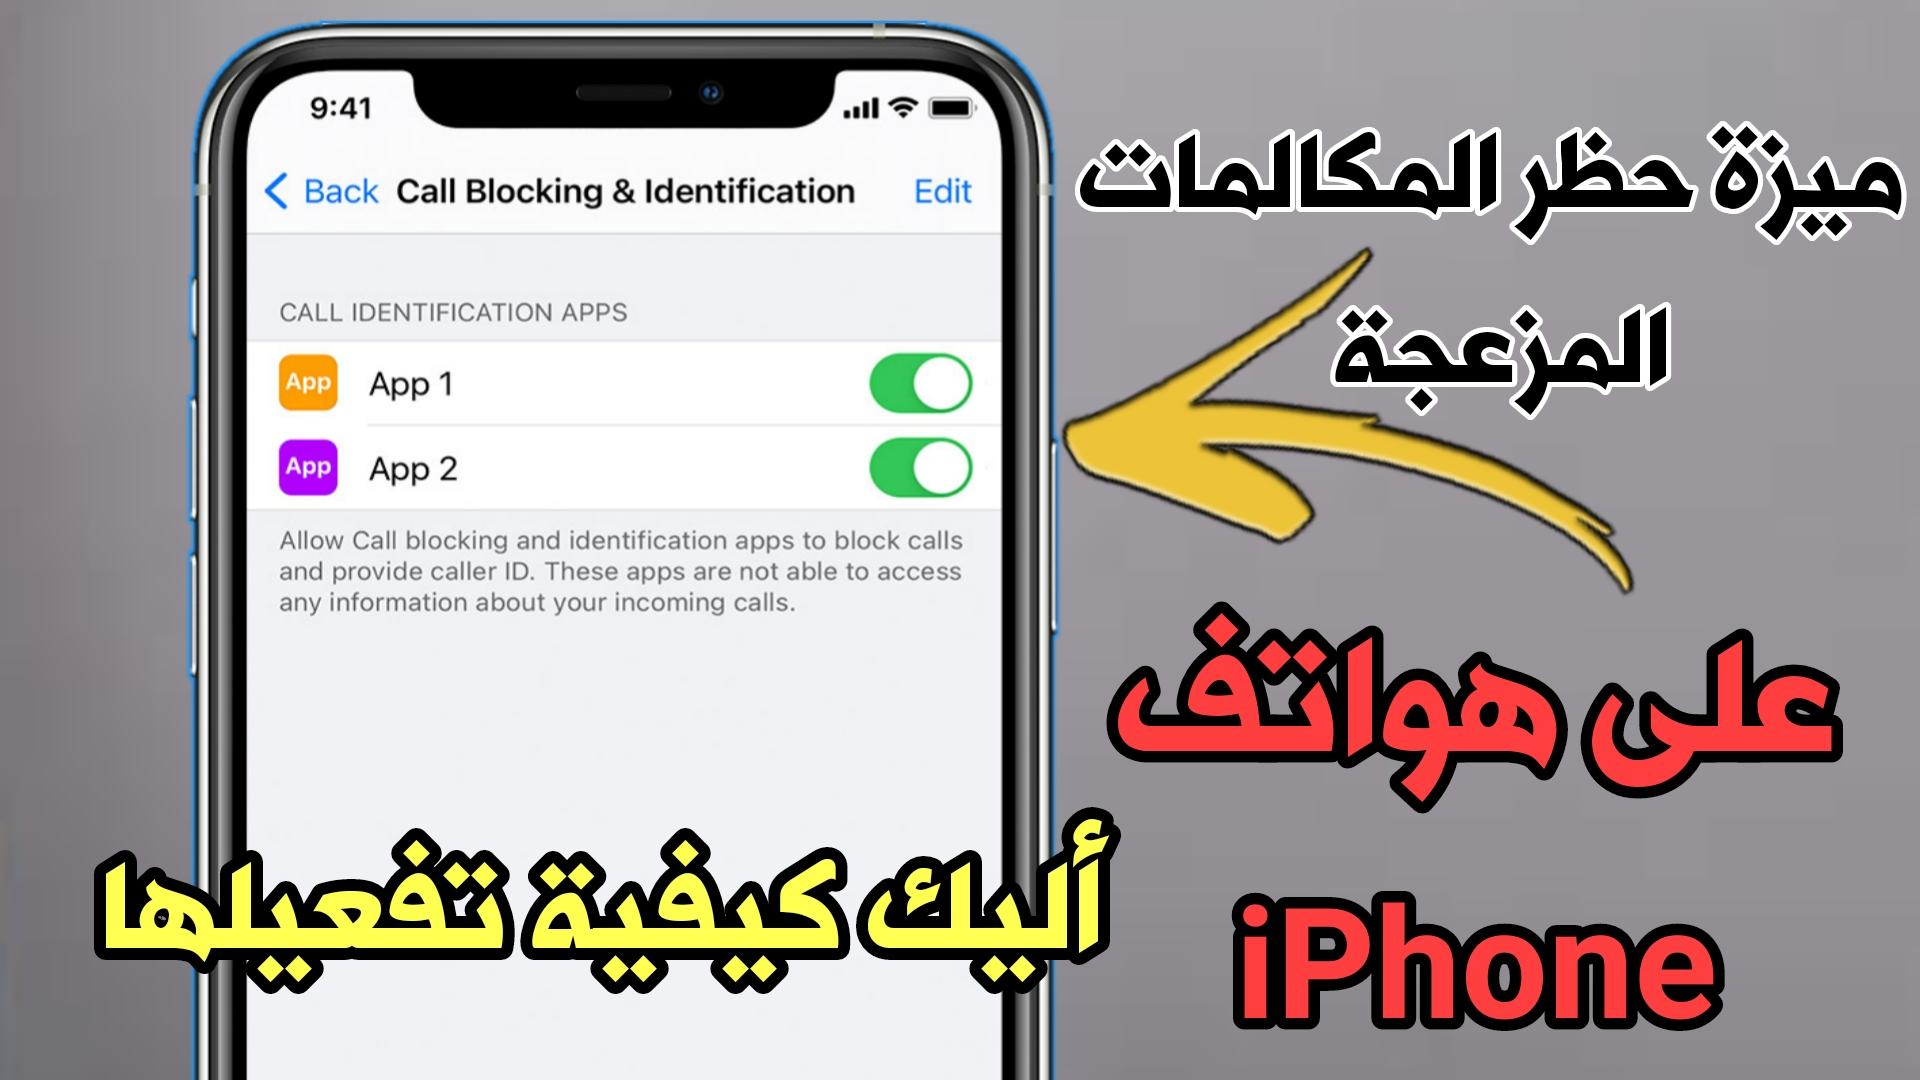 ميزة حظر المكالمات المزعجة متوفرة على هواتف iphone أليك كيفية تفعيلها !